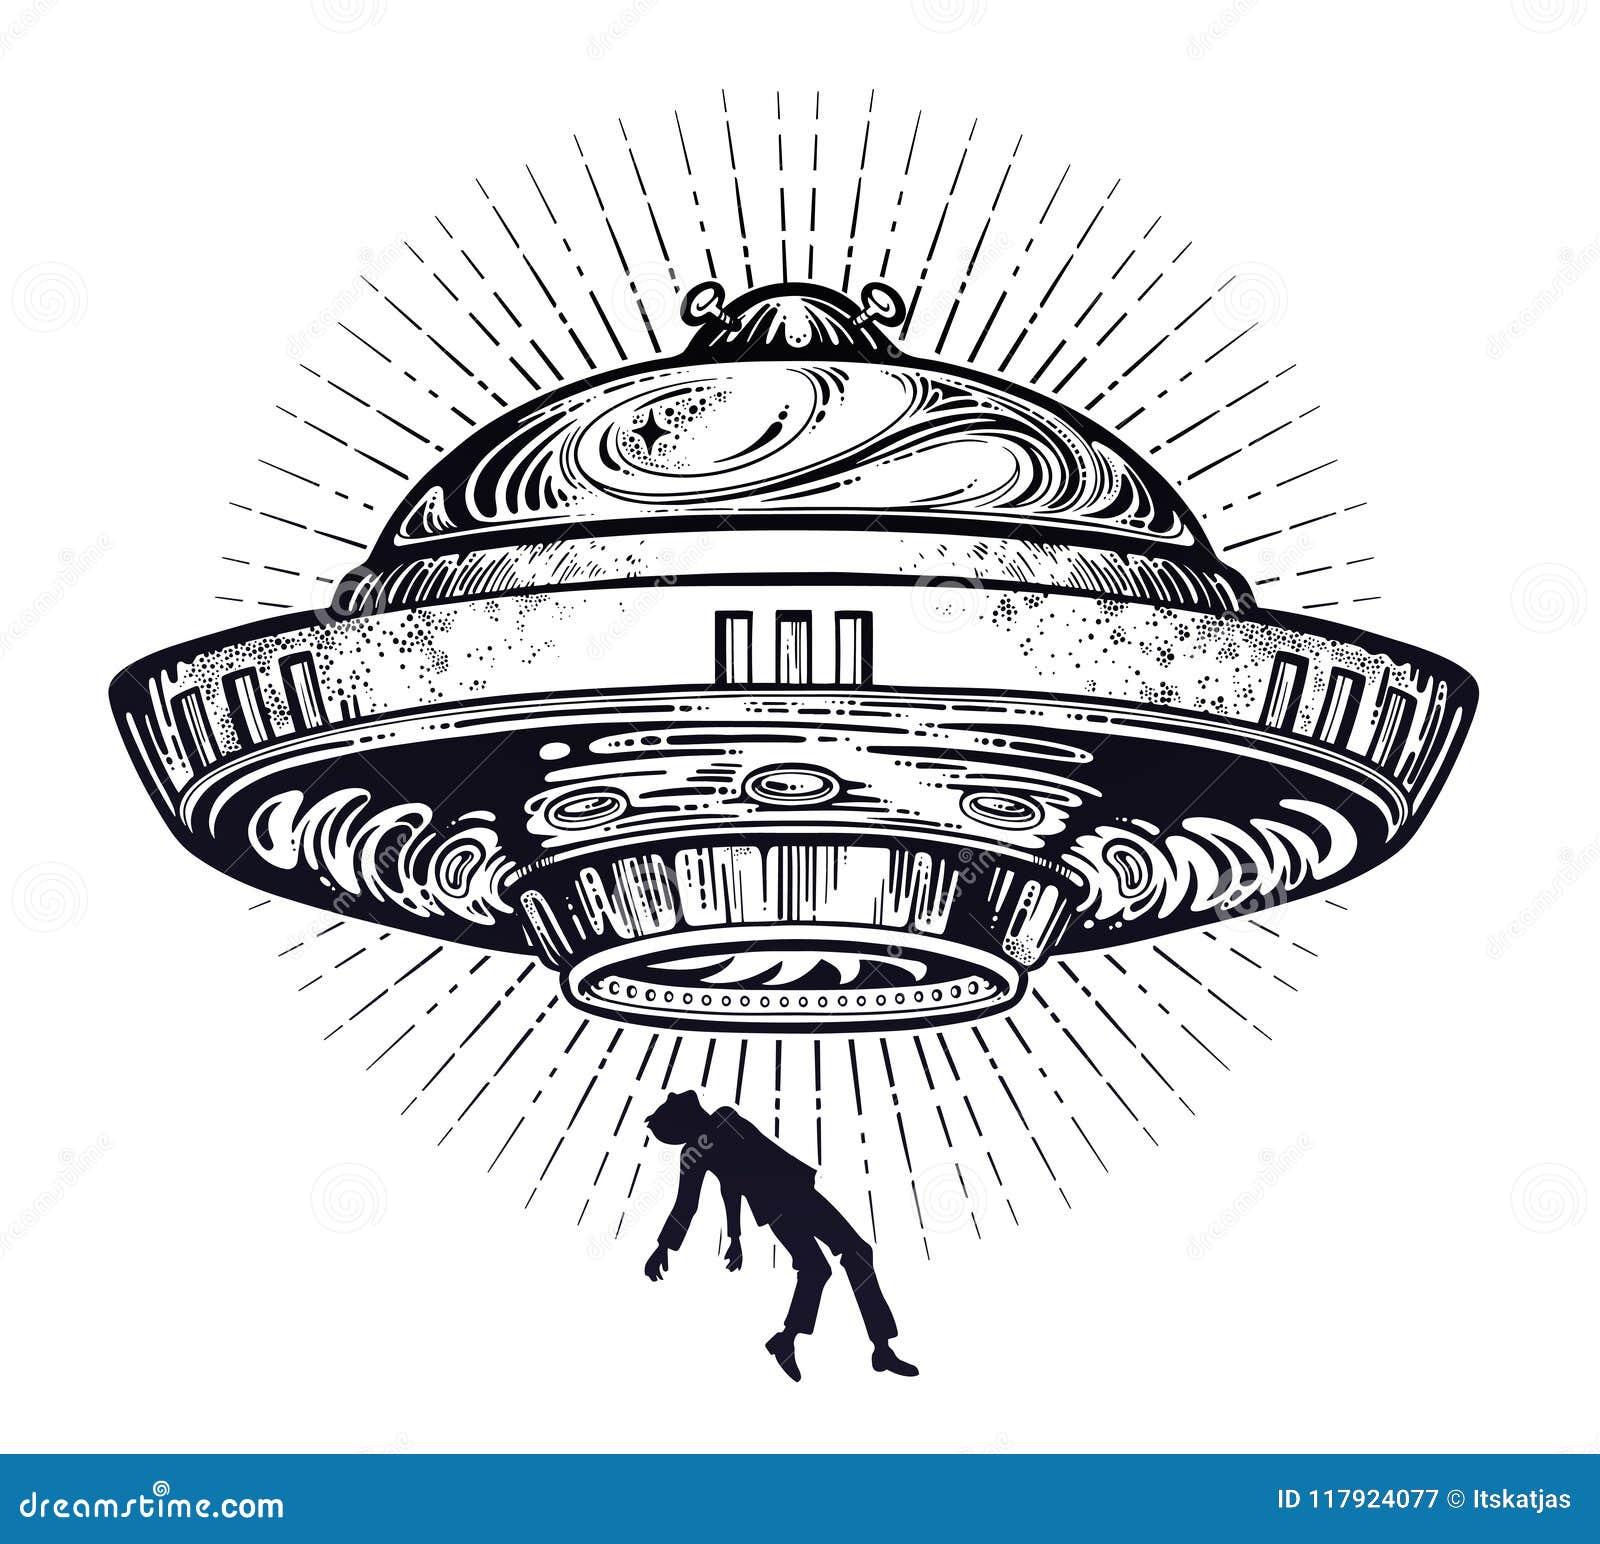 Fantastyczny Obcy statek kosmiczny UFO uprowadzenie istota ludzka z latającego spodeczka ikoną